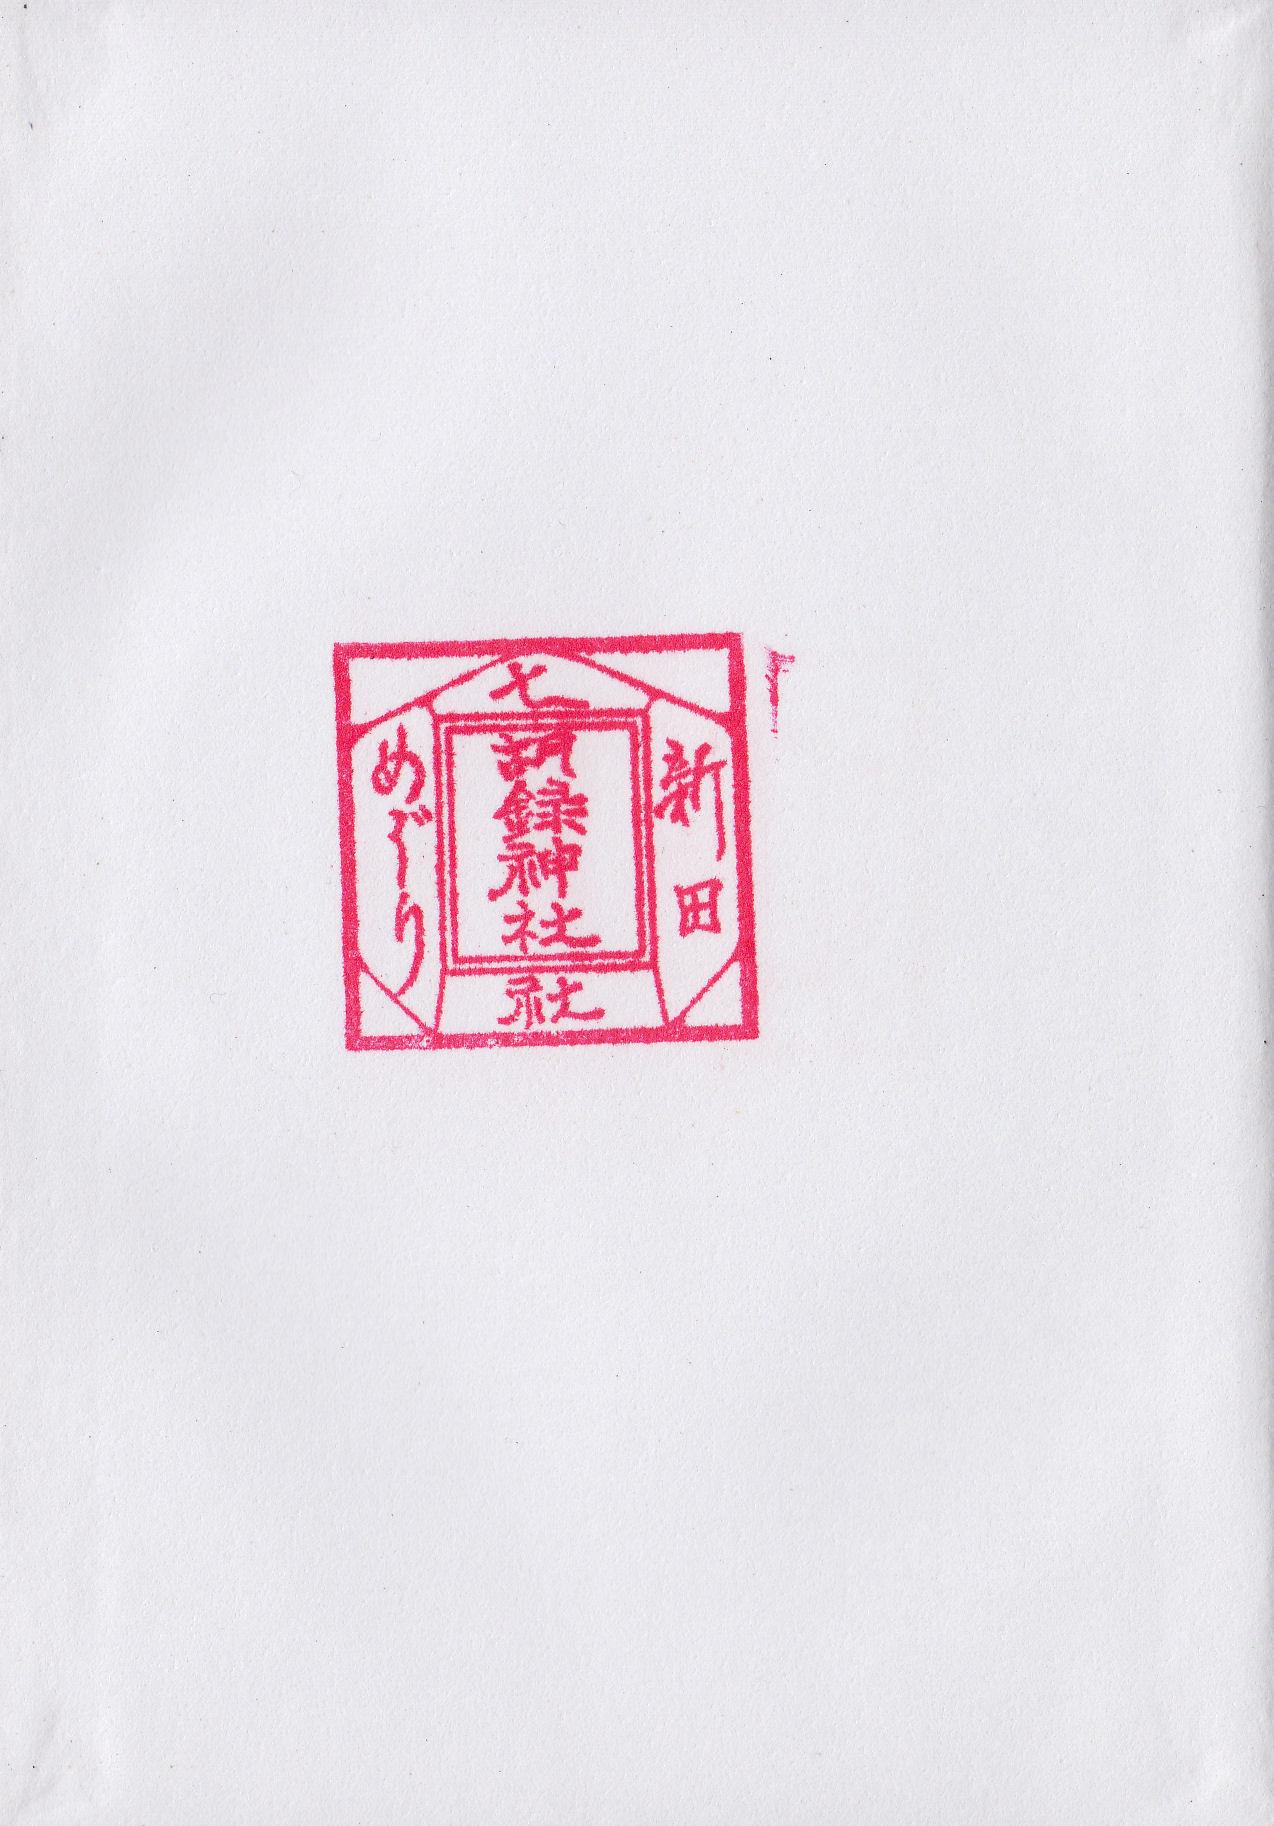 平成24年3月22日に新田胡録神社で頂いた御朱印だニャン